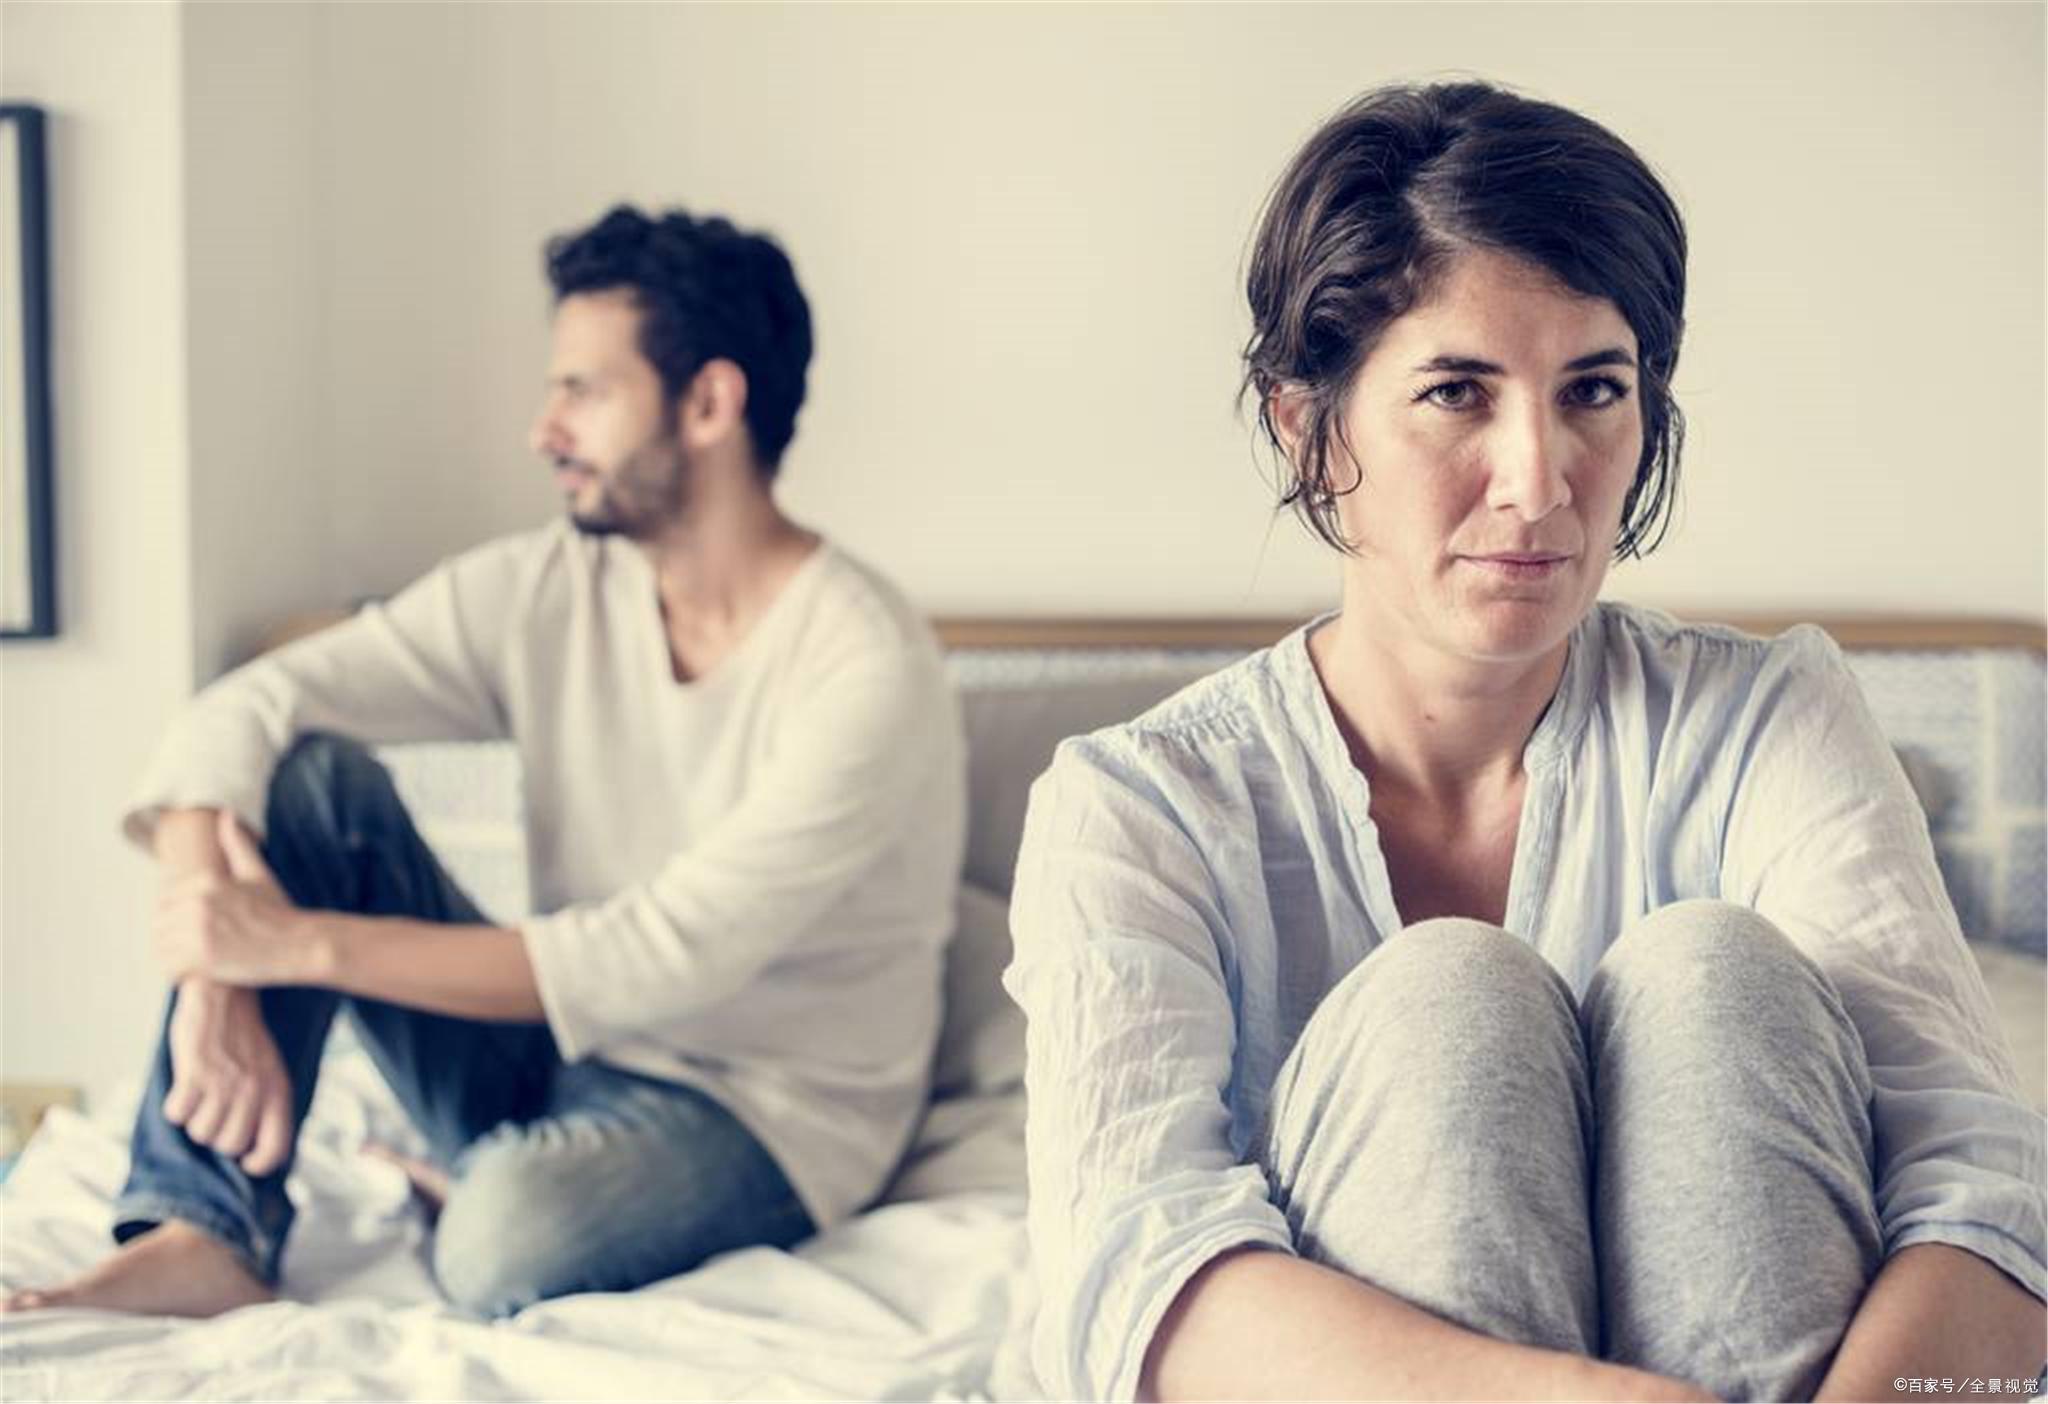 成年人不谈判爱情?成年人该怎么样谈爱情?